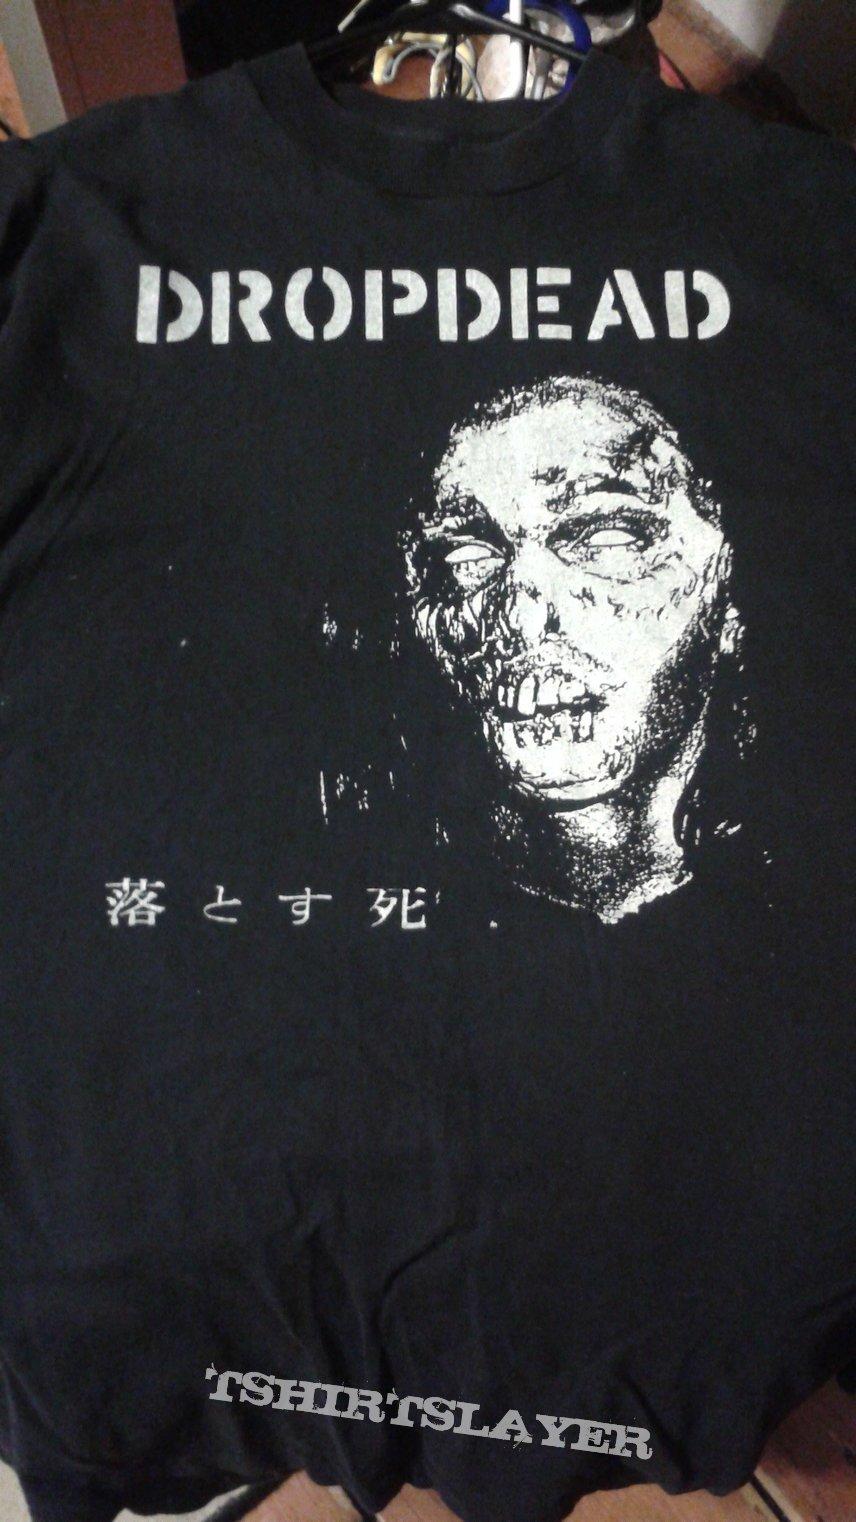 Dropdead 1996 Japanese tour t-shirt.